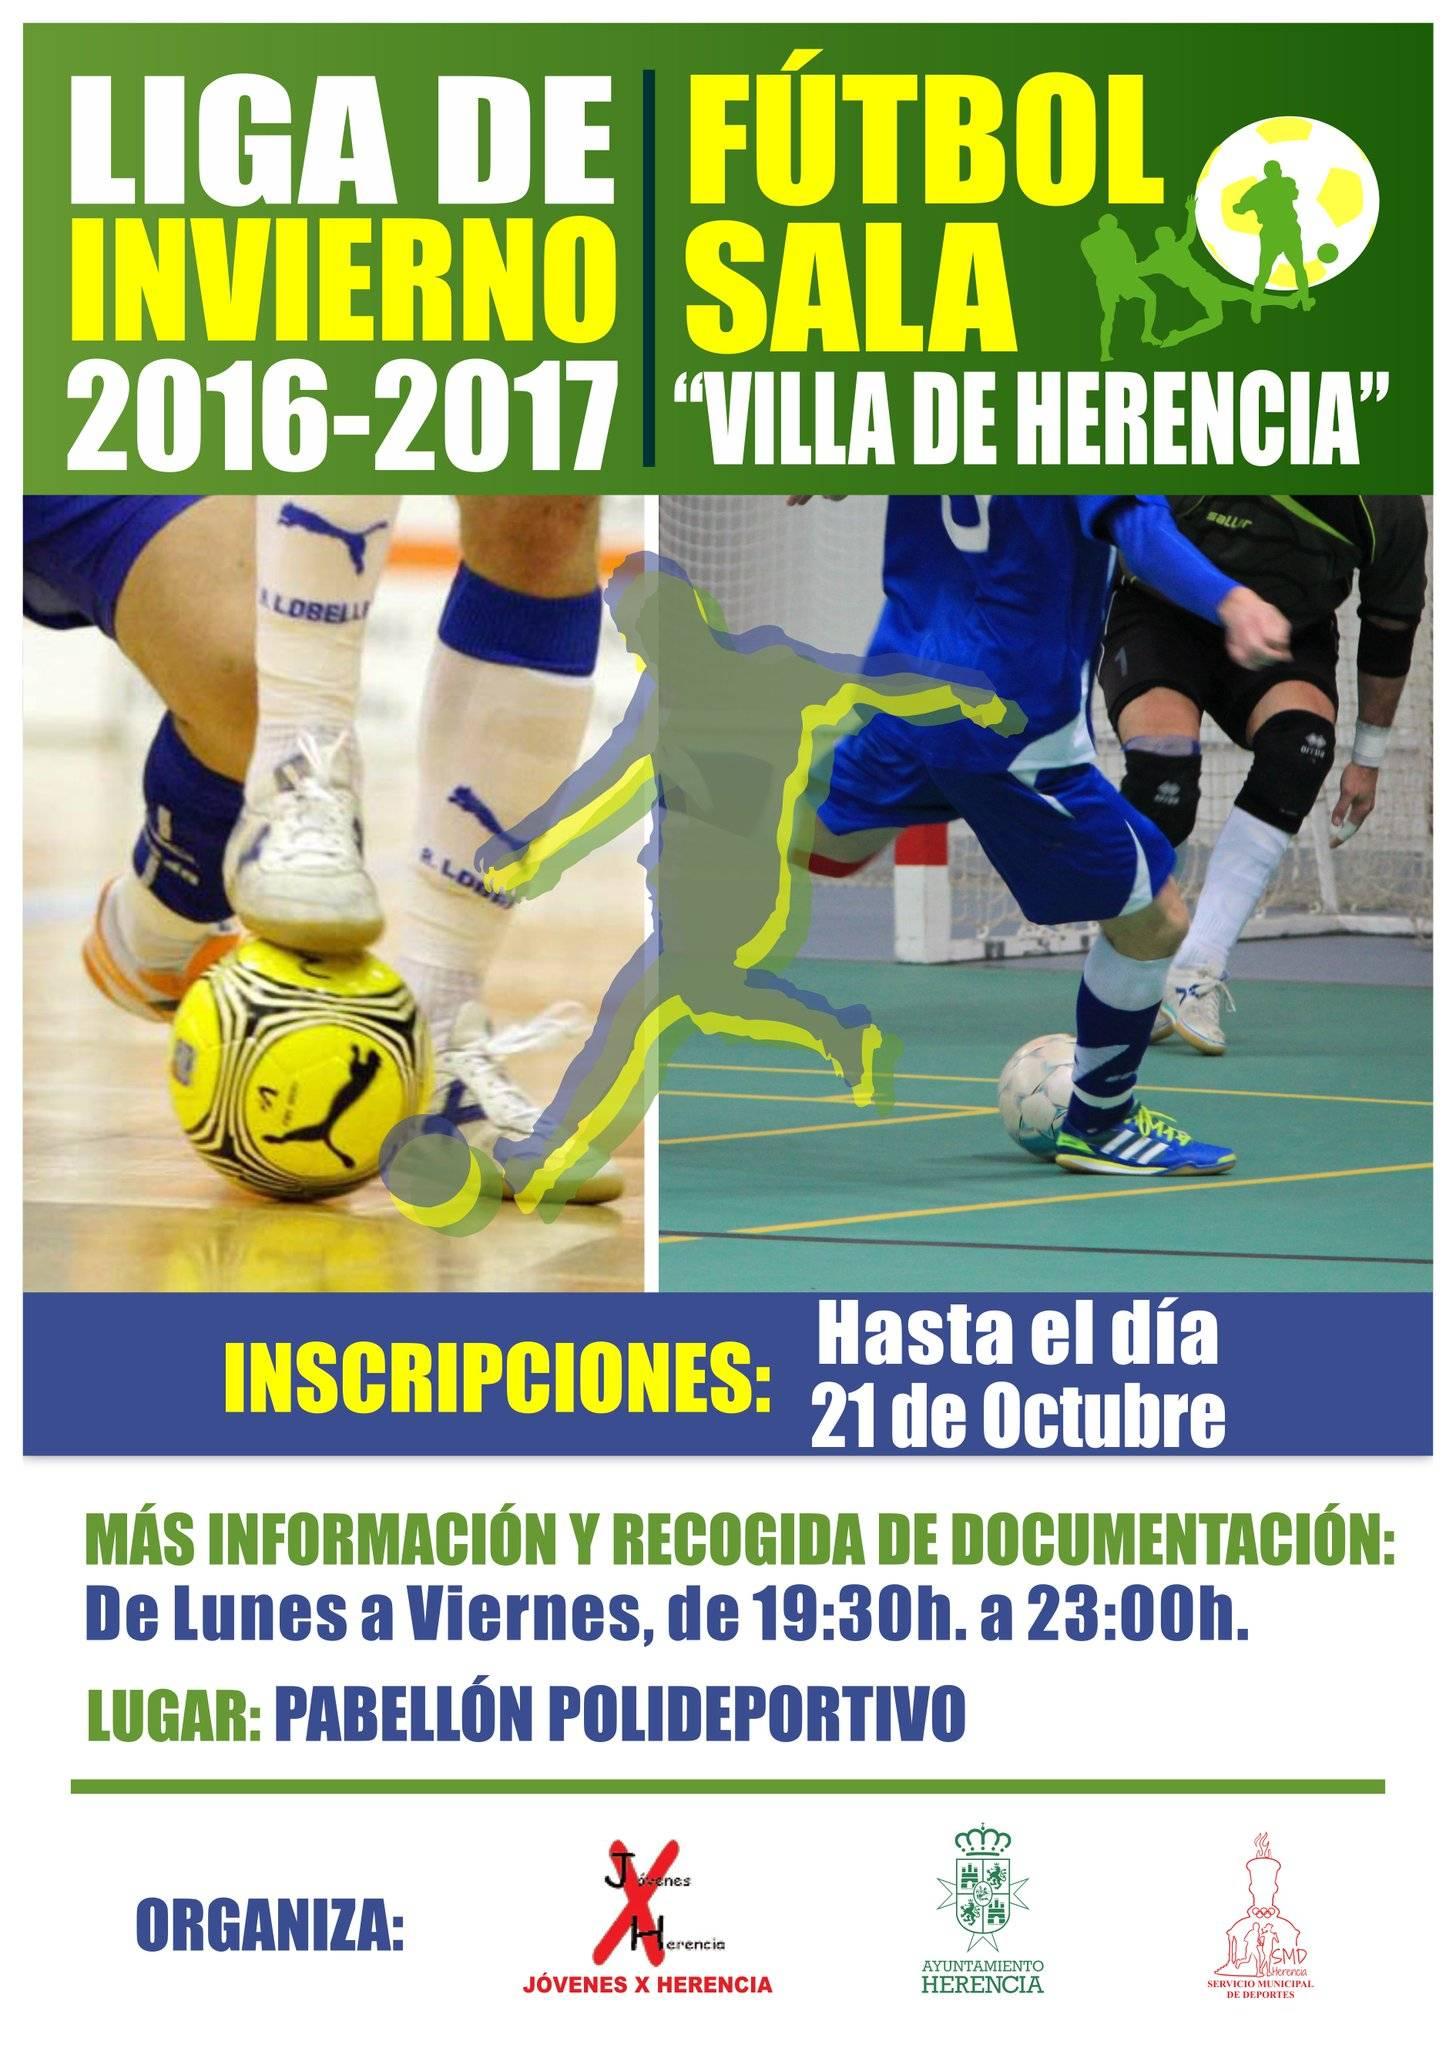 liga-de-invierno-2016-2017-futbol-sala-herencia